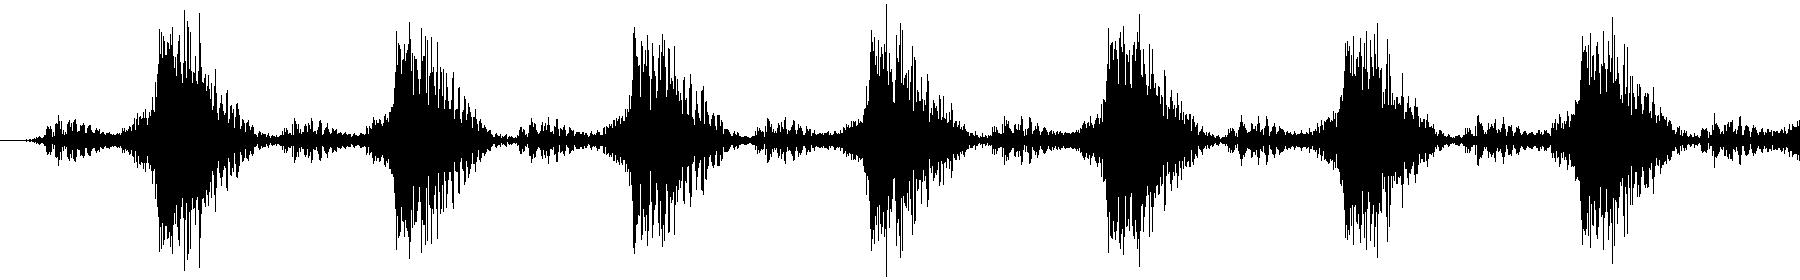 biab glitchhop glitch 20